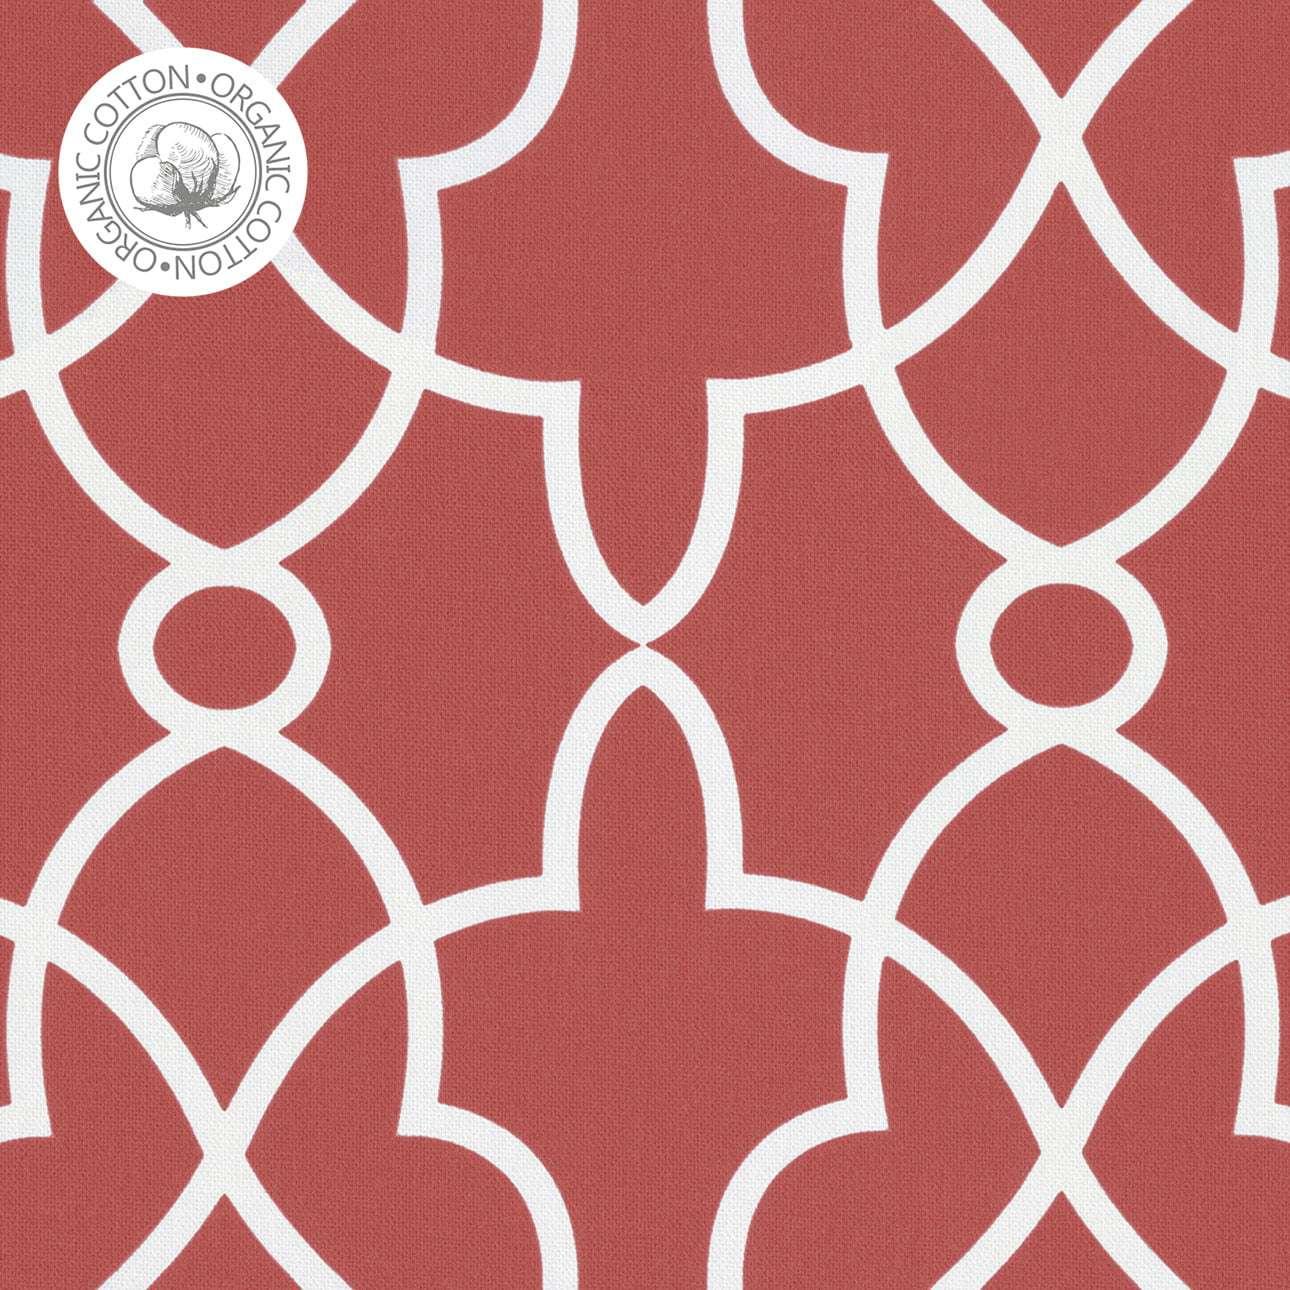 Gardenia 142-21 w kolekcji Gardenia, tkanina: 142-21